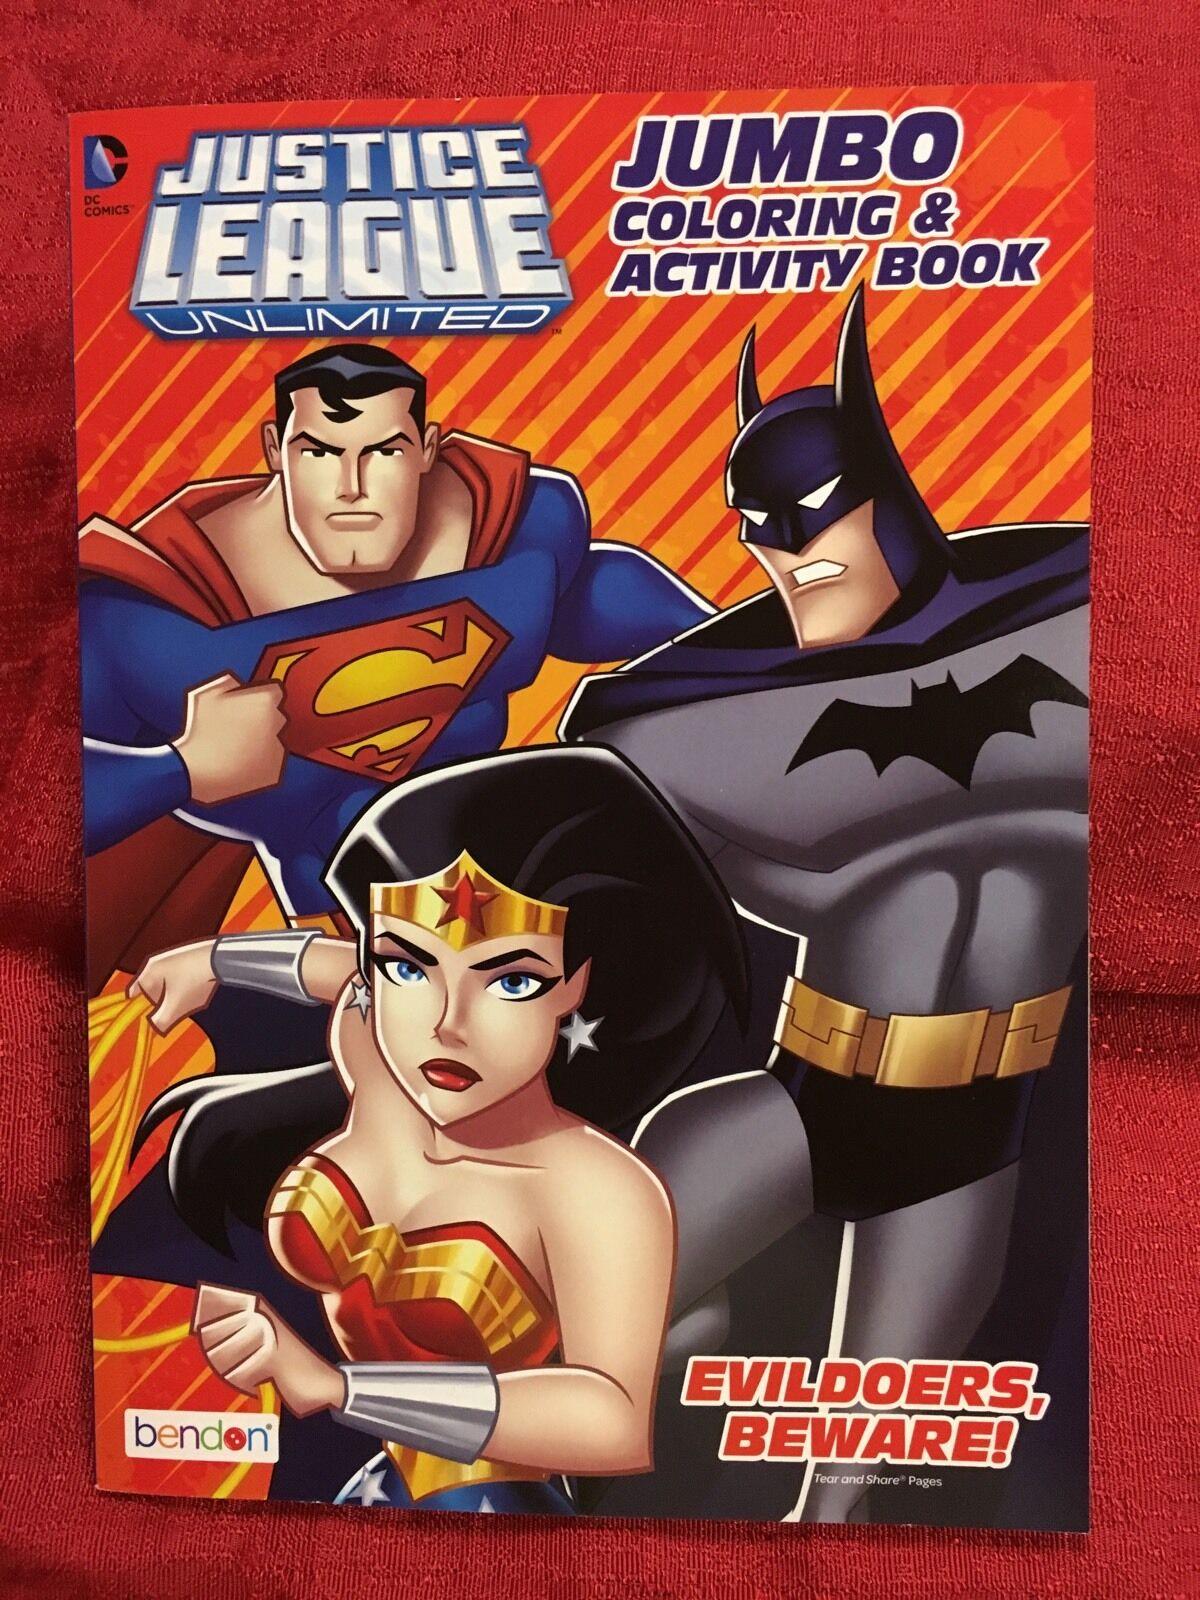 Justice League Superman Batman Jumbo Coloring Activity Book Color DC Comics